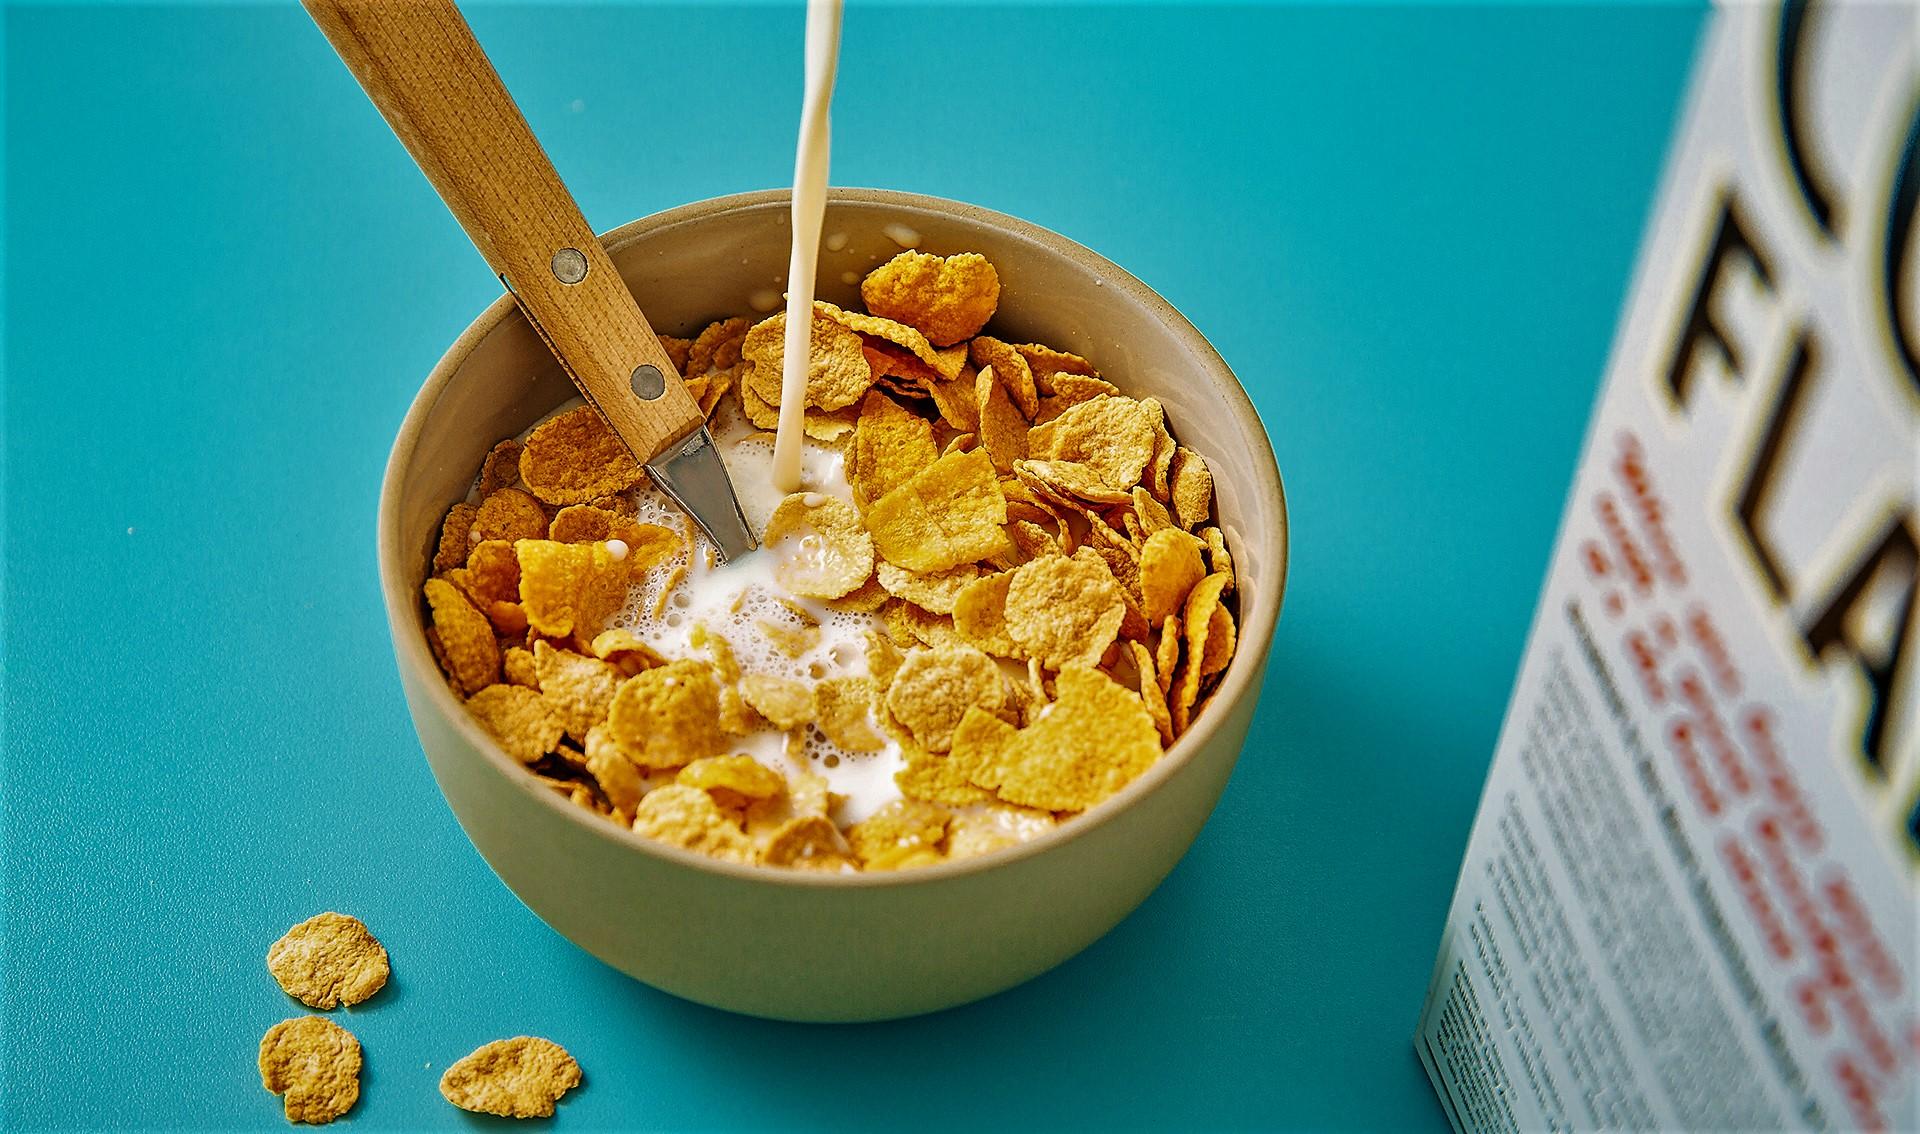 کورن فلکس خانگی؛ صبحانهتان را کامل کنید {hendevaneh.com}{سایتهندوانه}کورن فلکس خانگی؛ صبحانهتان را کامل کنید - 229112 526 - کورن فلکس خانگی؛ صبحانهتان را کامل کنید